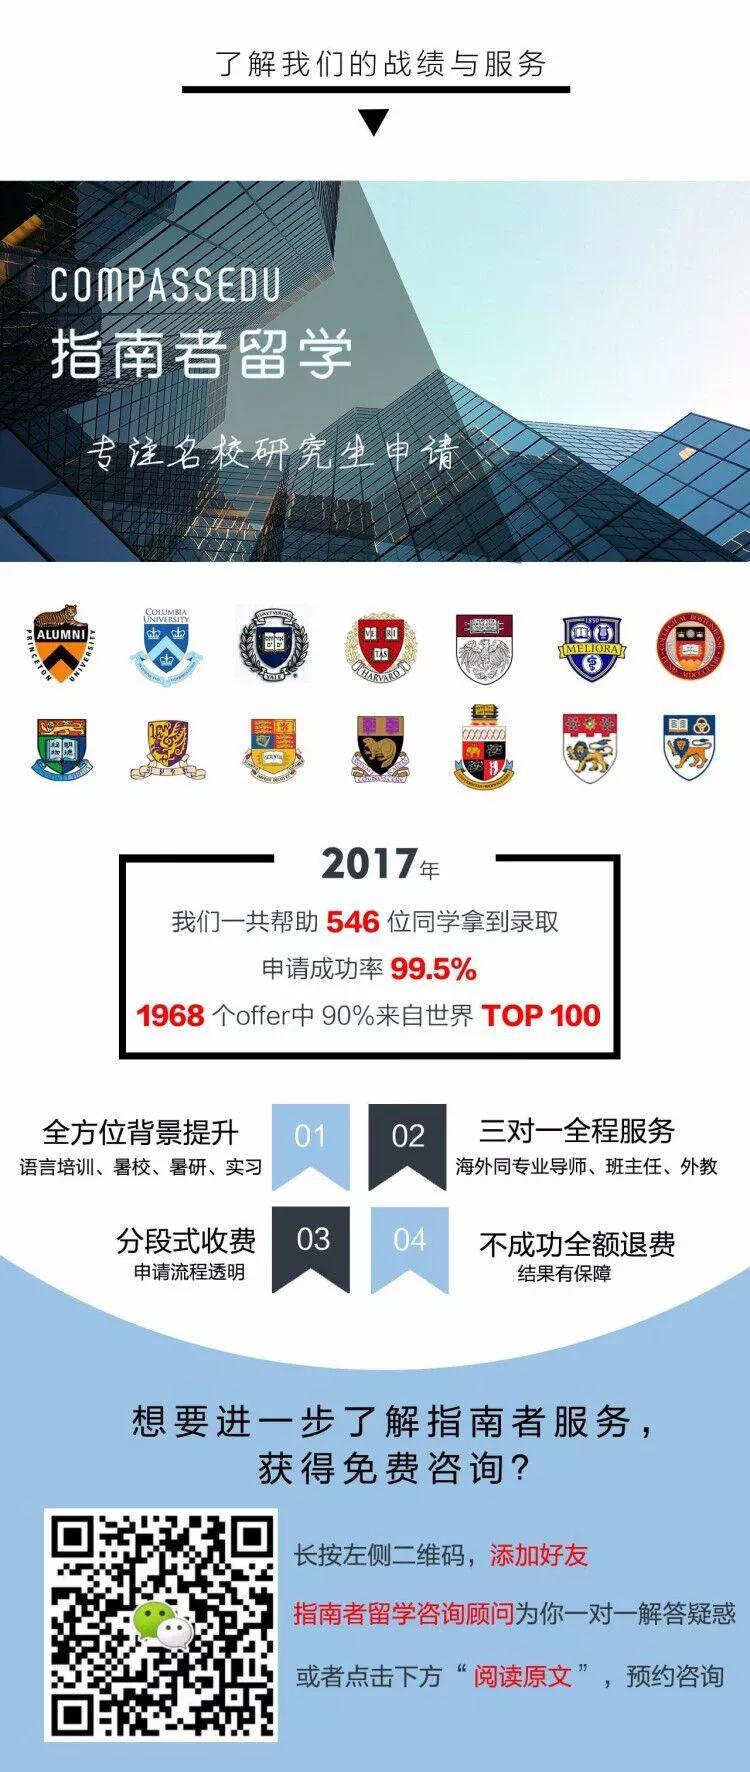 NUS 统计+4 | 恭喜来自西财、上交、中财、西南交大指南者学员!